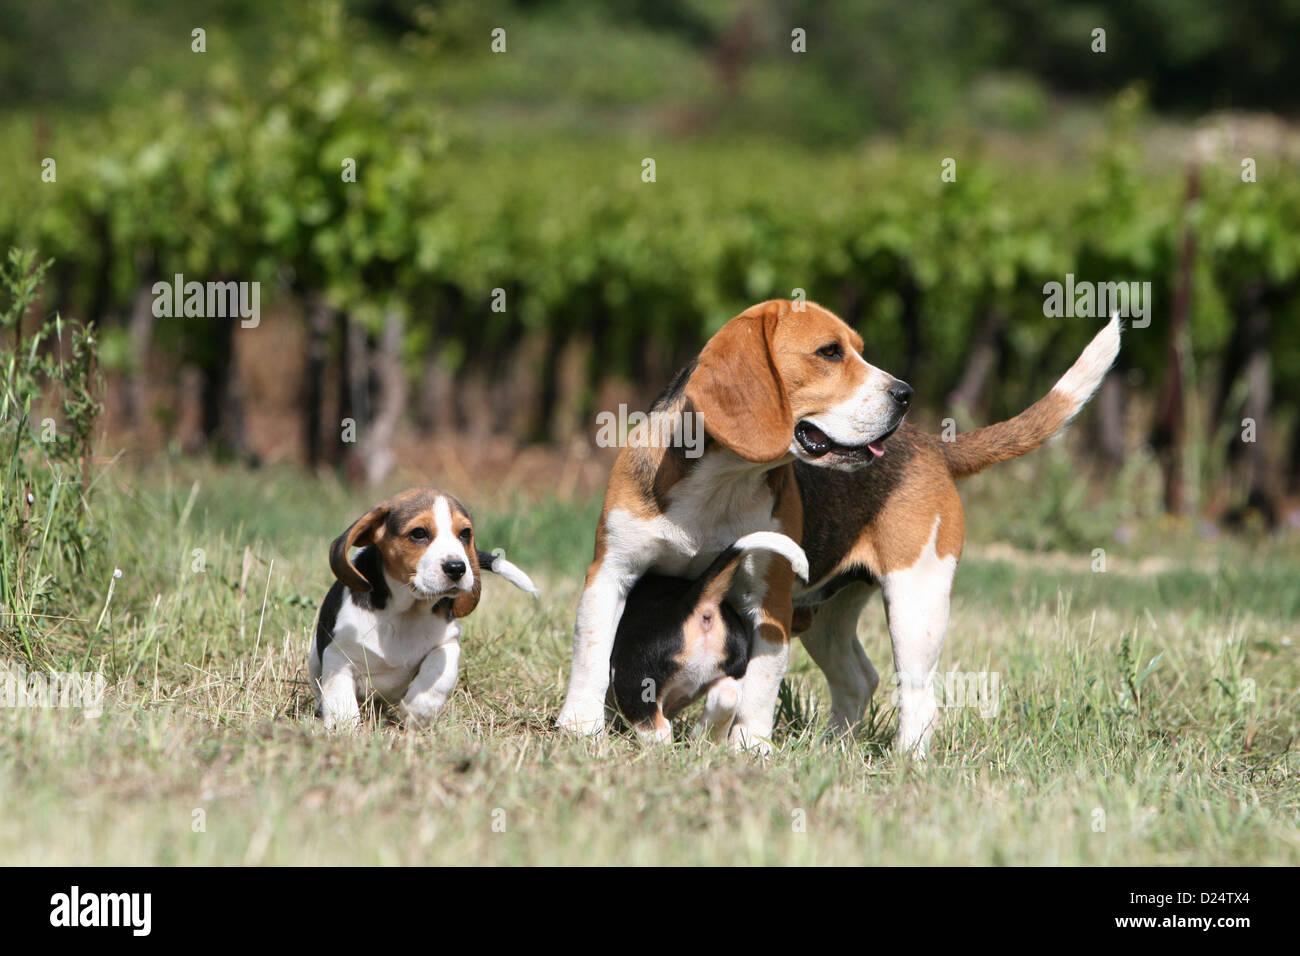 Chien beagle chiots et adultes dans un pr banque d 39 images - Chien beagle adulte ...